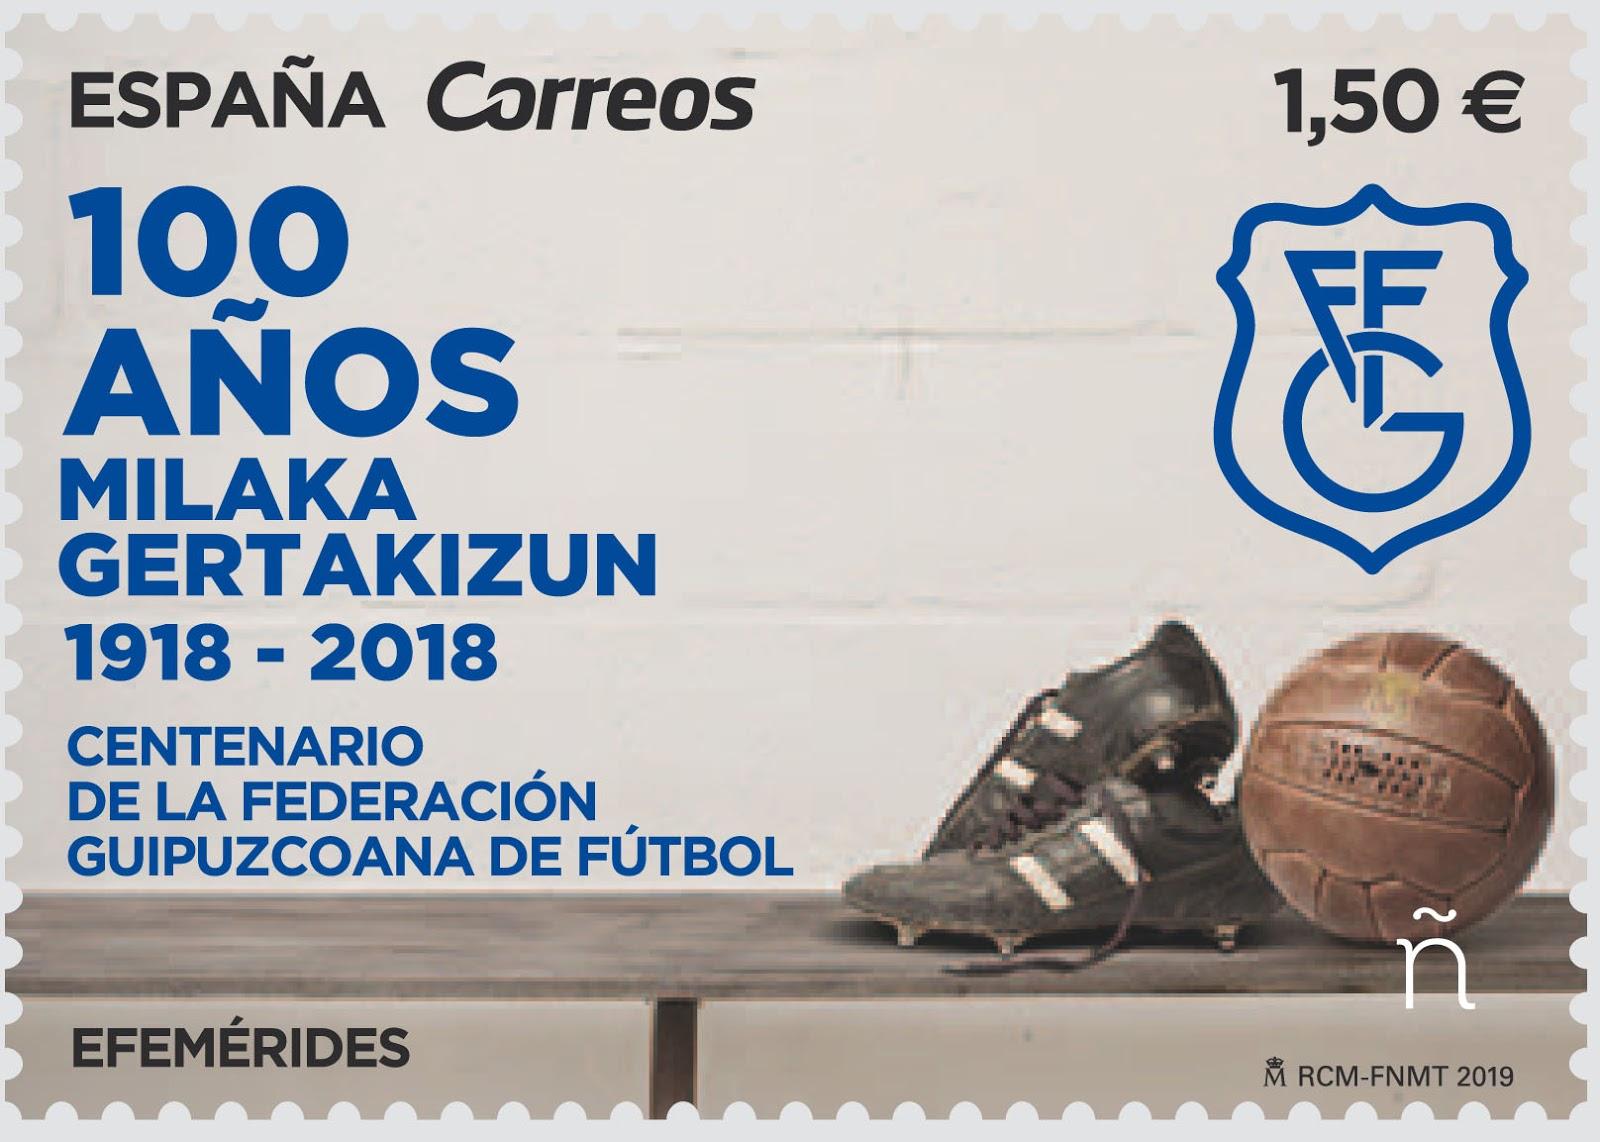 Centenario Federación Guipuzcoana de Fútbol